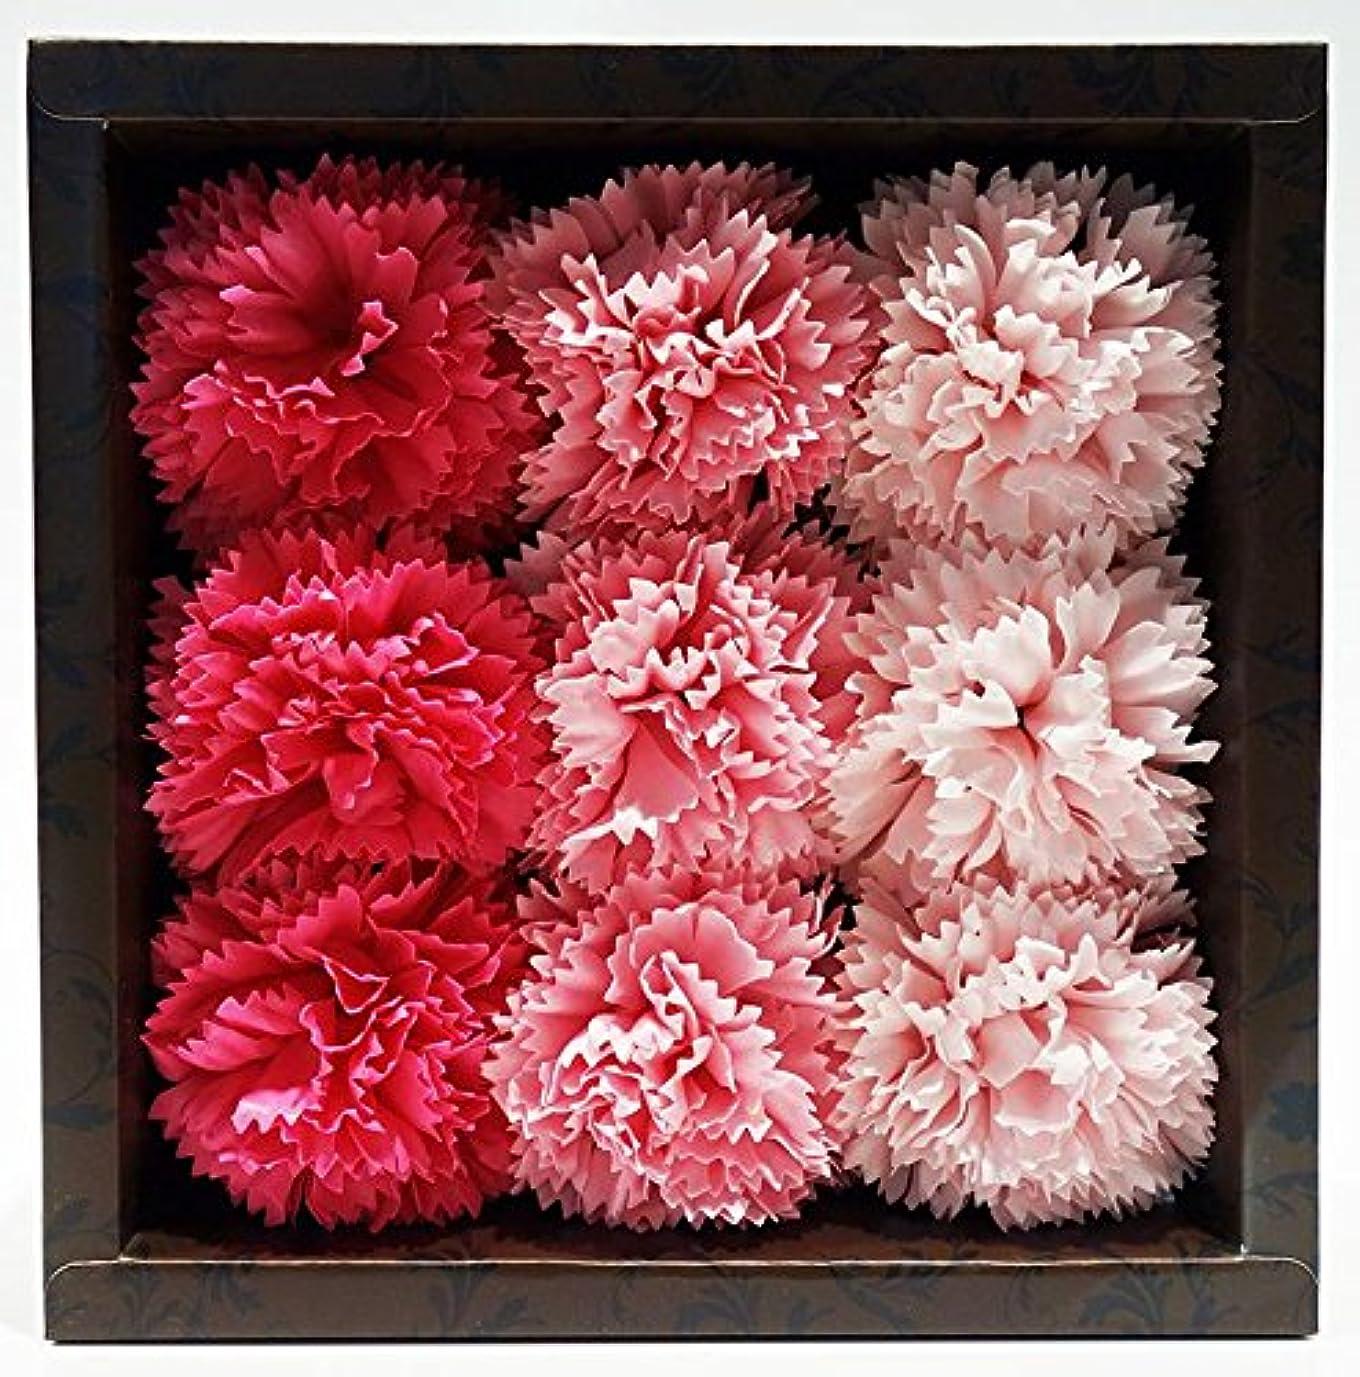 破壊的などこにでも頭バスフレグランス バスフラワー カーネーション ピンクカラー お花の形の入浴剤 母の日 プレゼント ギフト